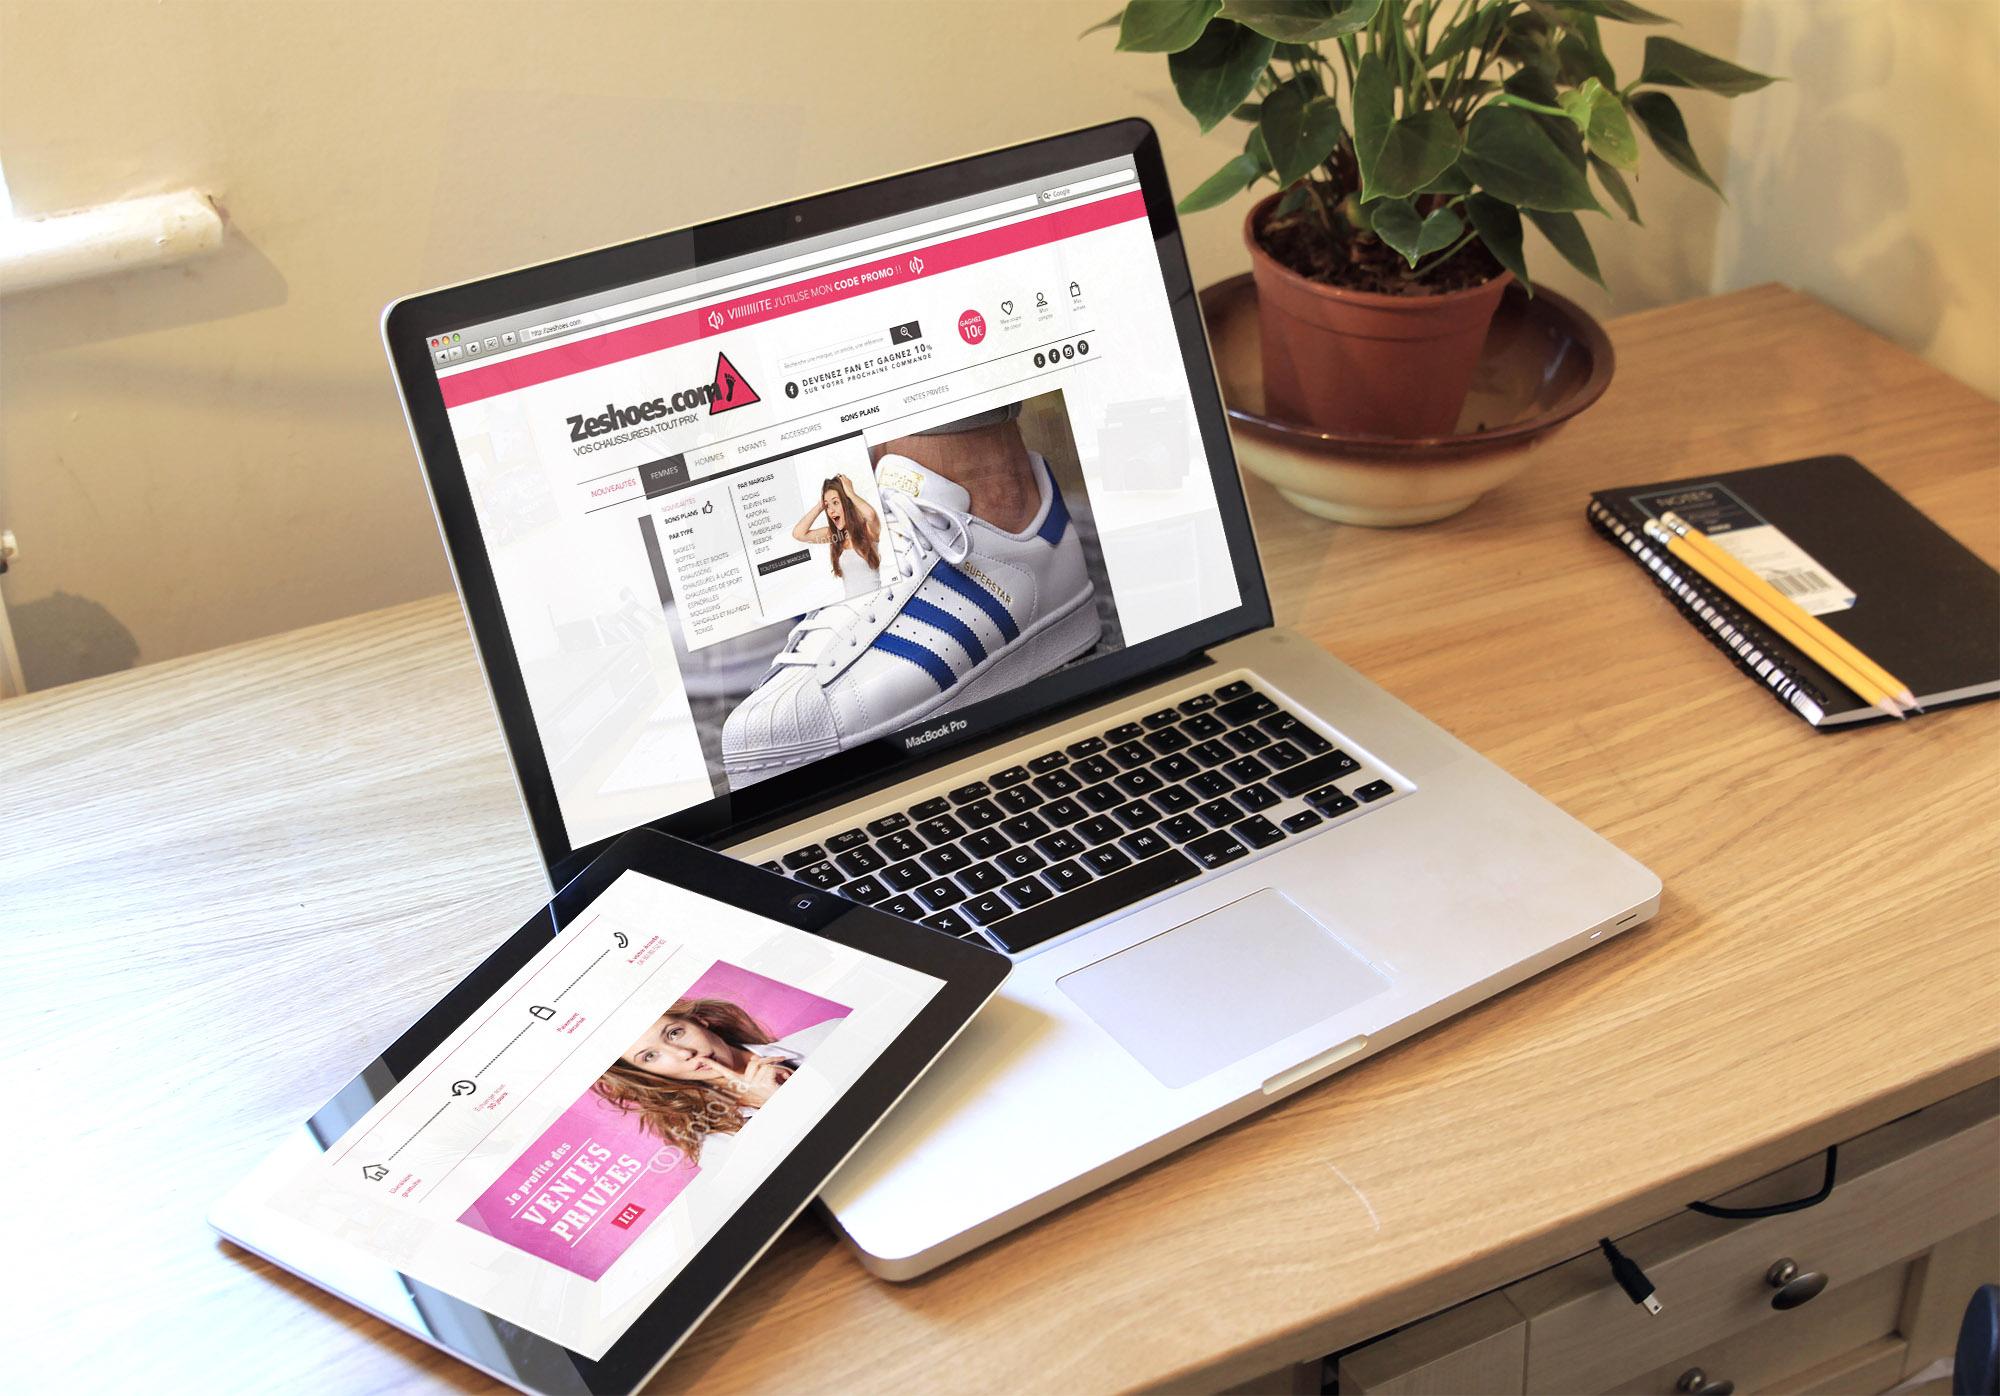 Réalisation du Webdesign du site marchand www.zeshoes.com en partenariat avec Rapid Système